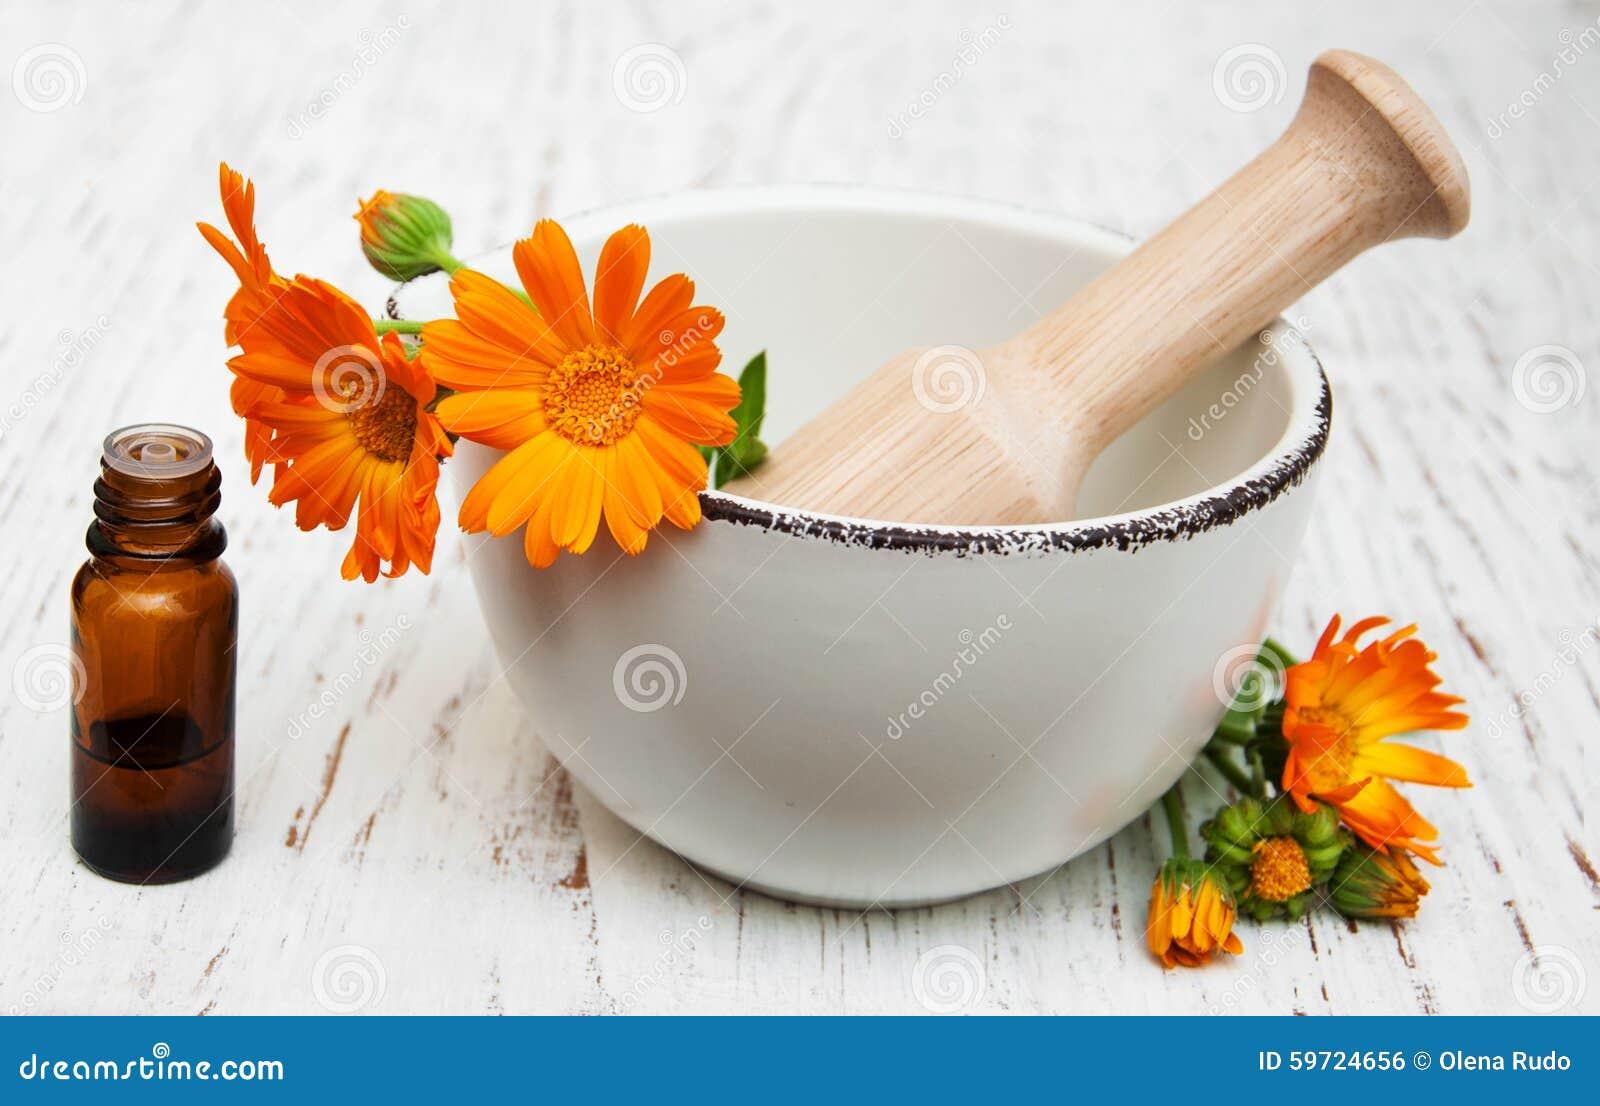 Fleur des officinalis de calendula en mortier